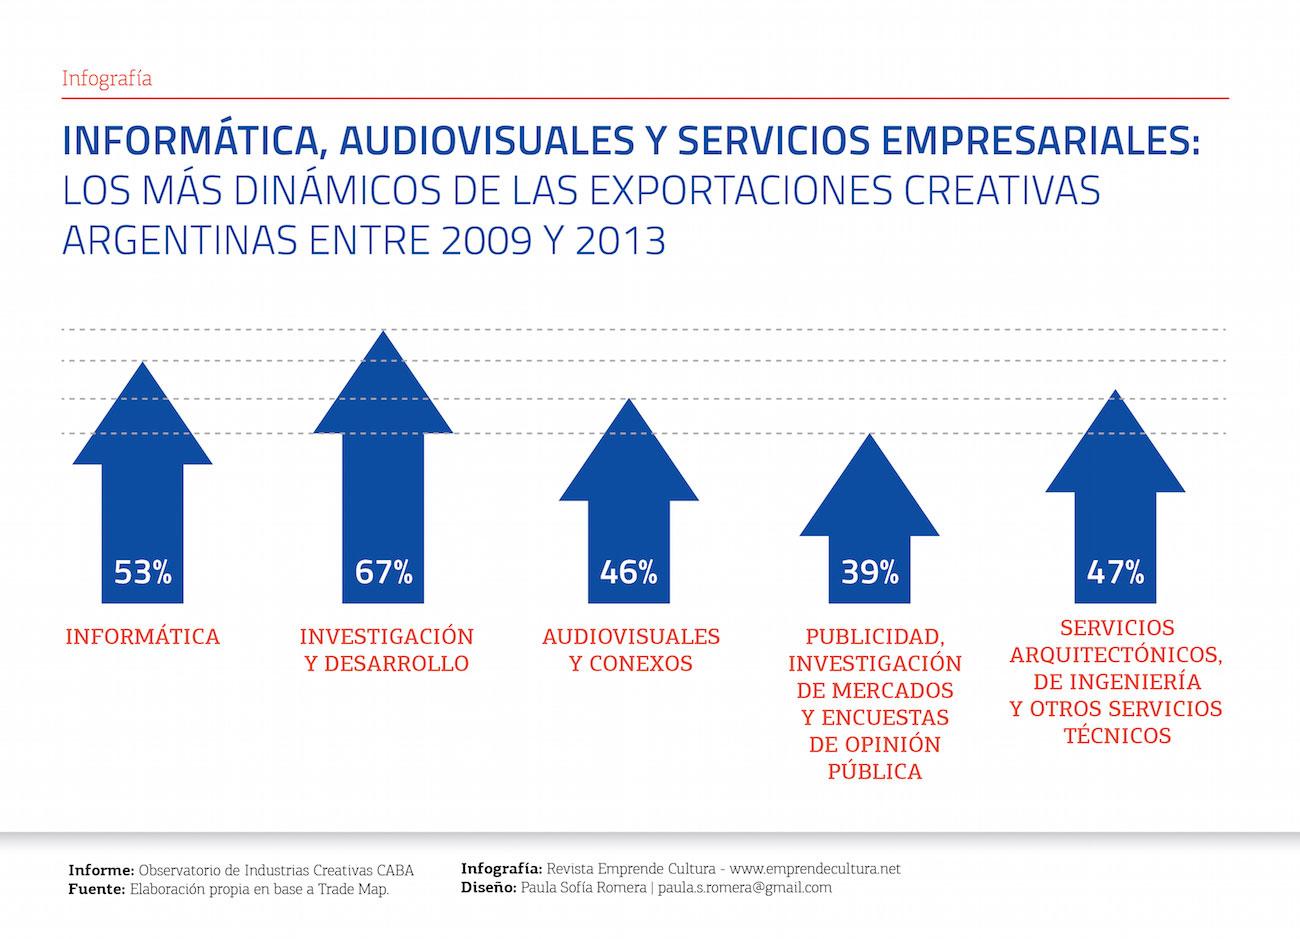 Informática, audiovisuales y servicios empresariales: los más dinámicos de las exportaciones creativas argentinas entre 2009 y 2013